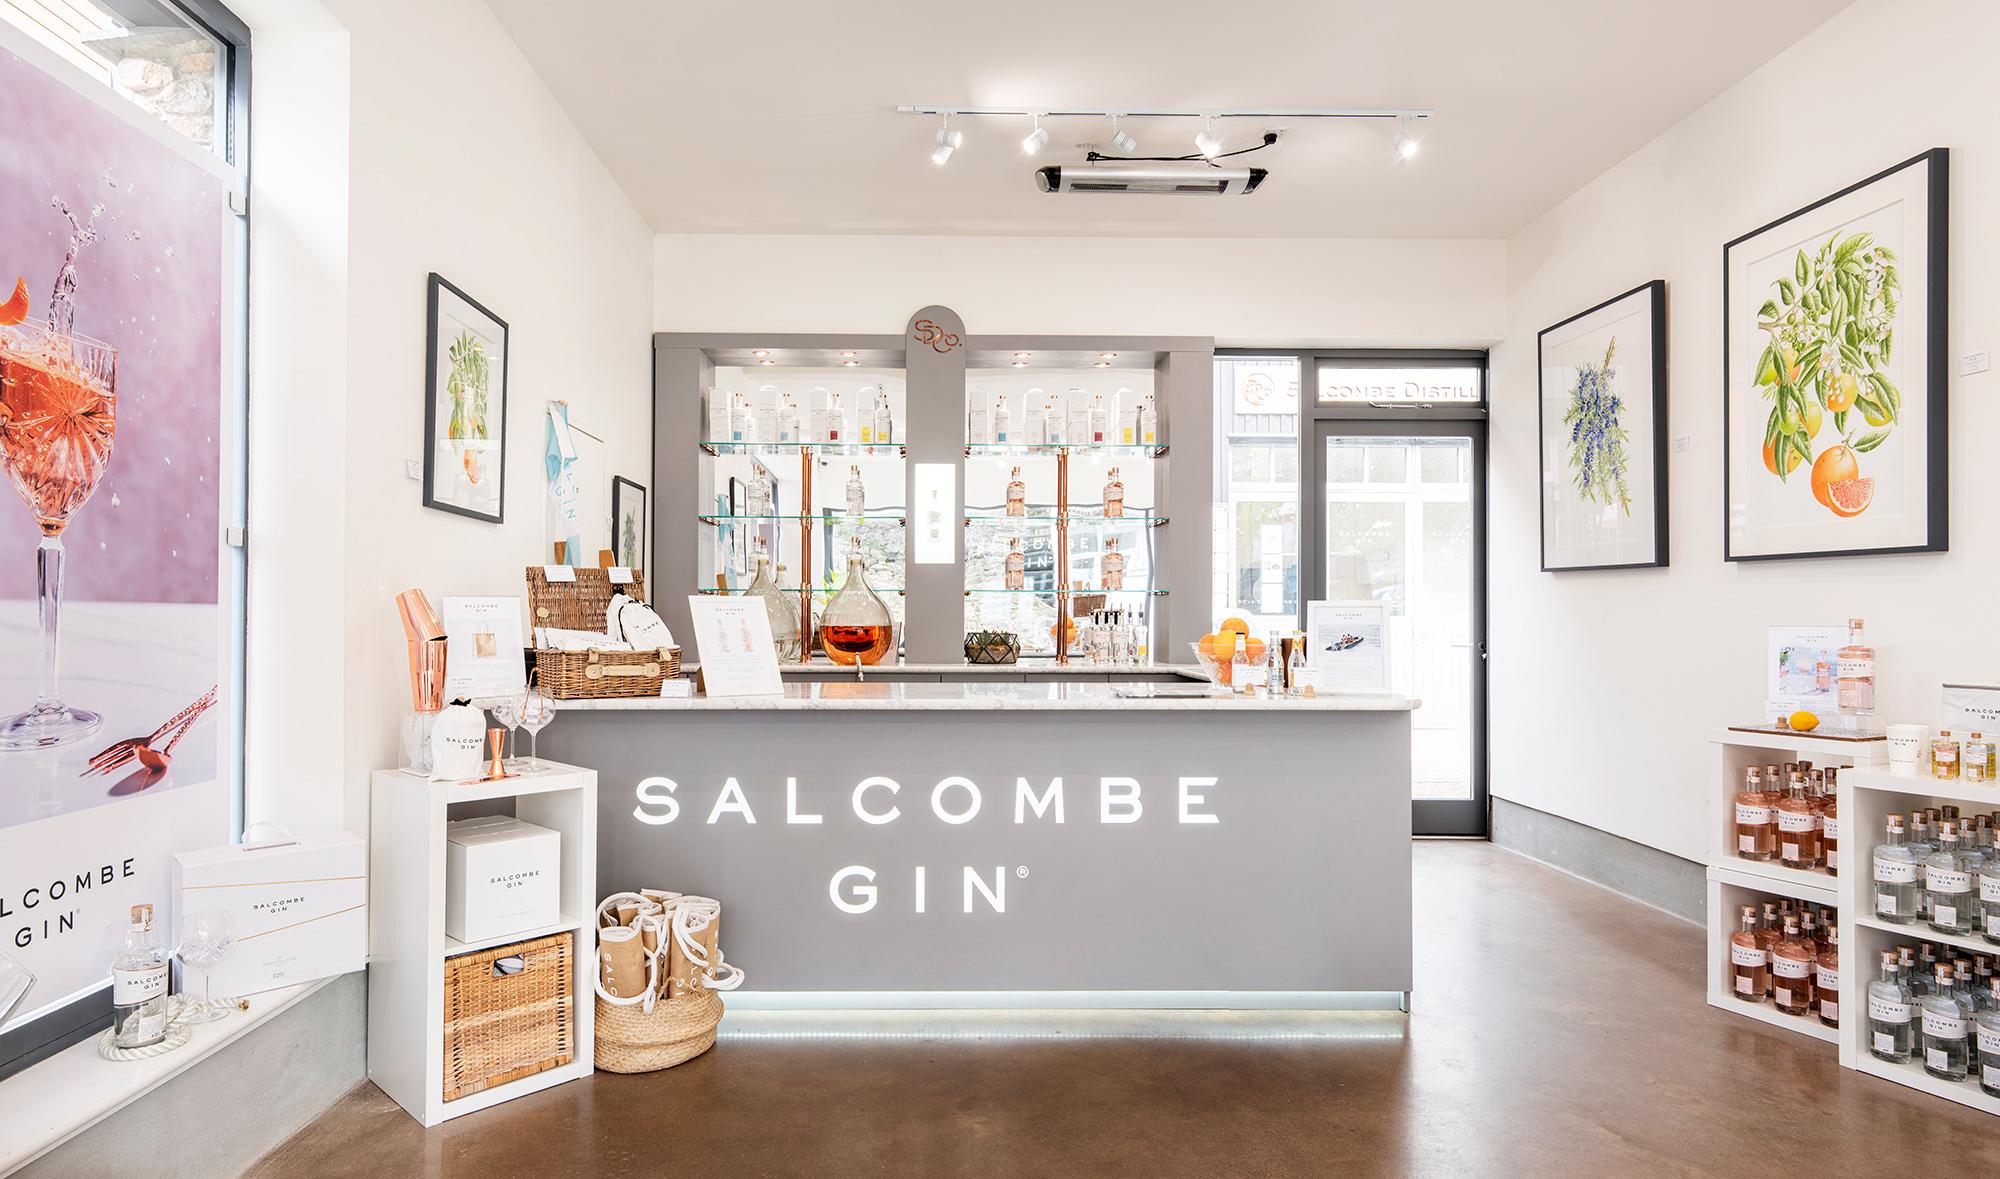 Salcombe Distillery Co's store in Salcombe